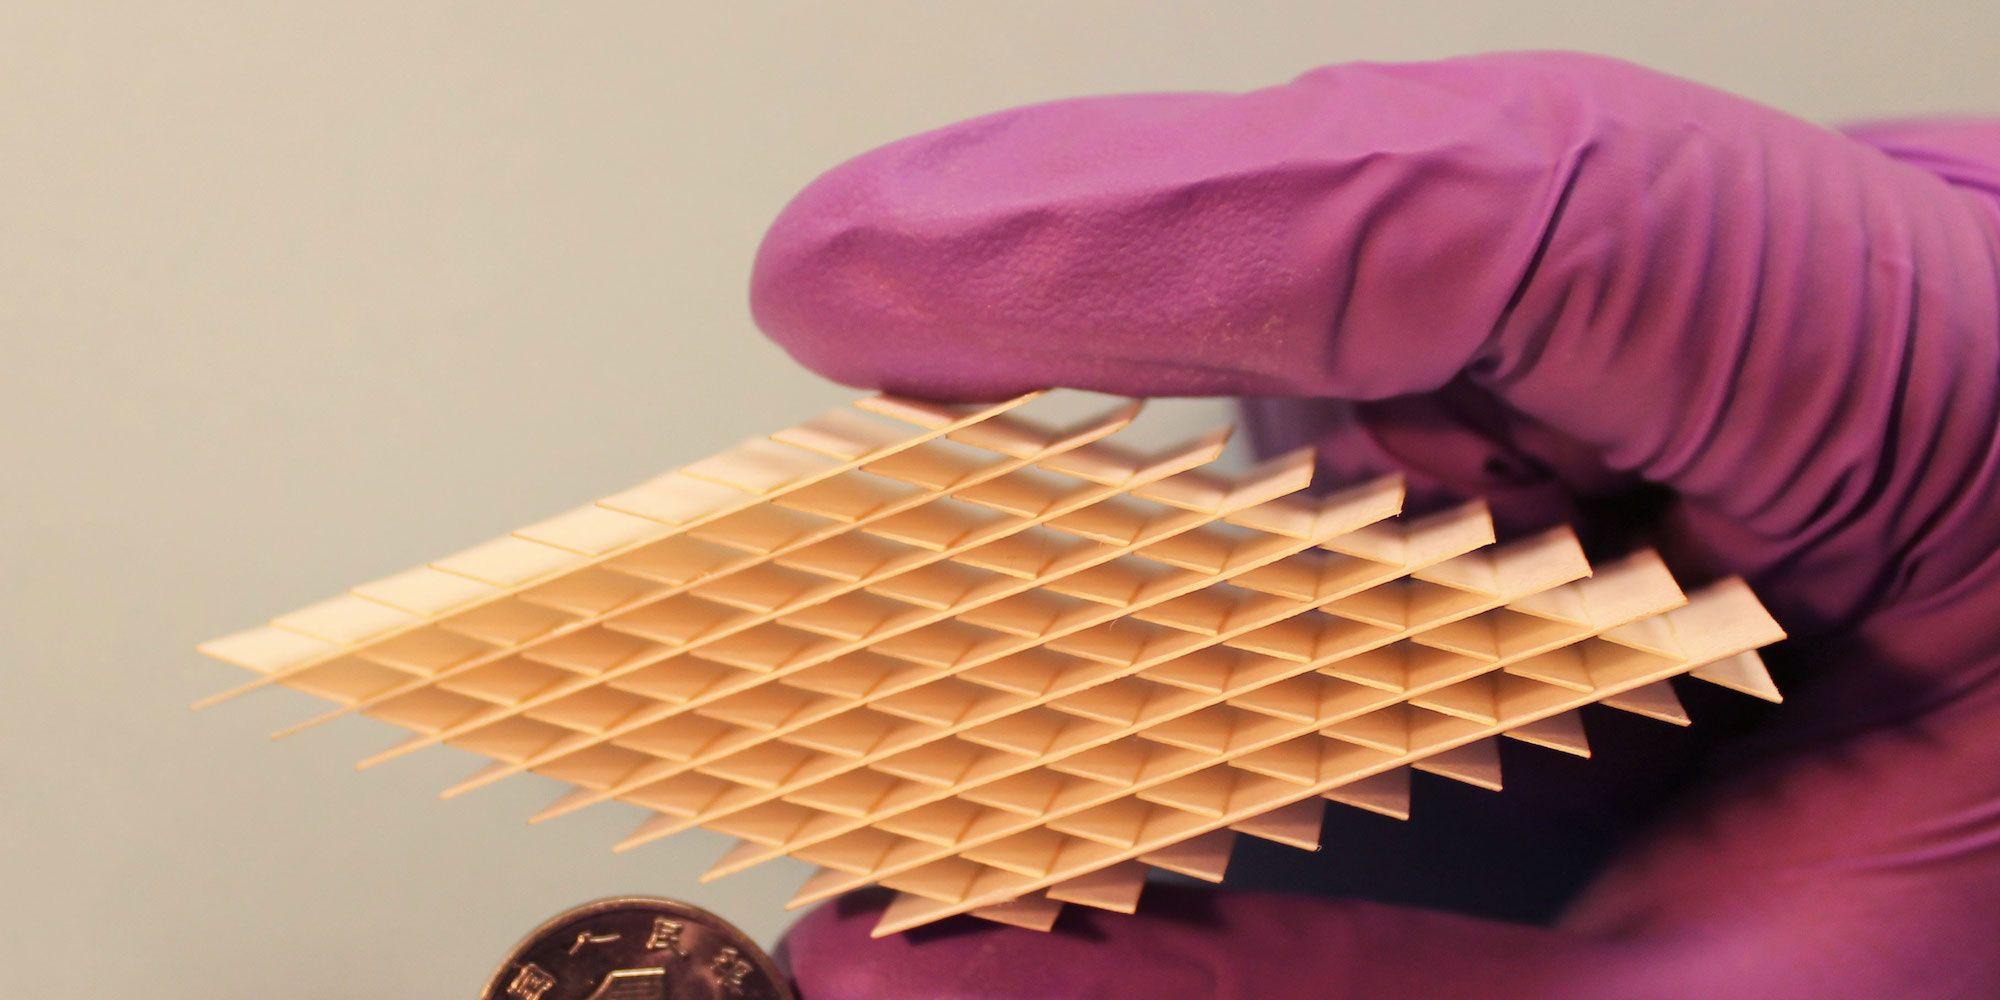 Llega la batería origami. Y está hecha de papel